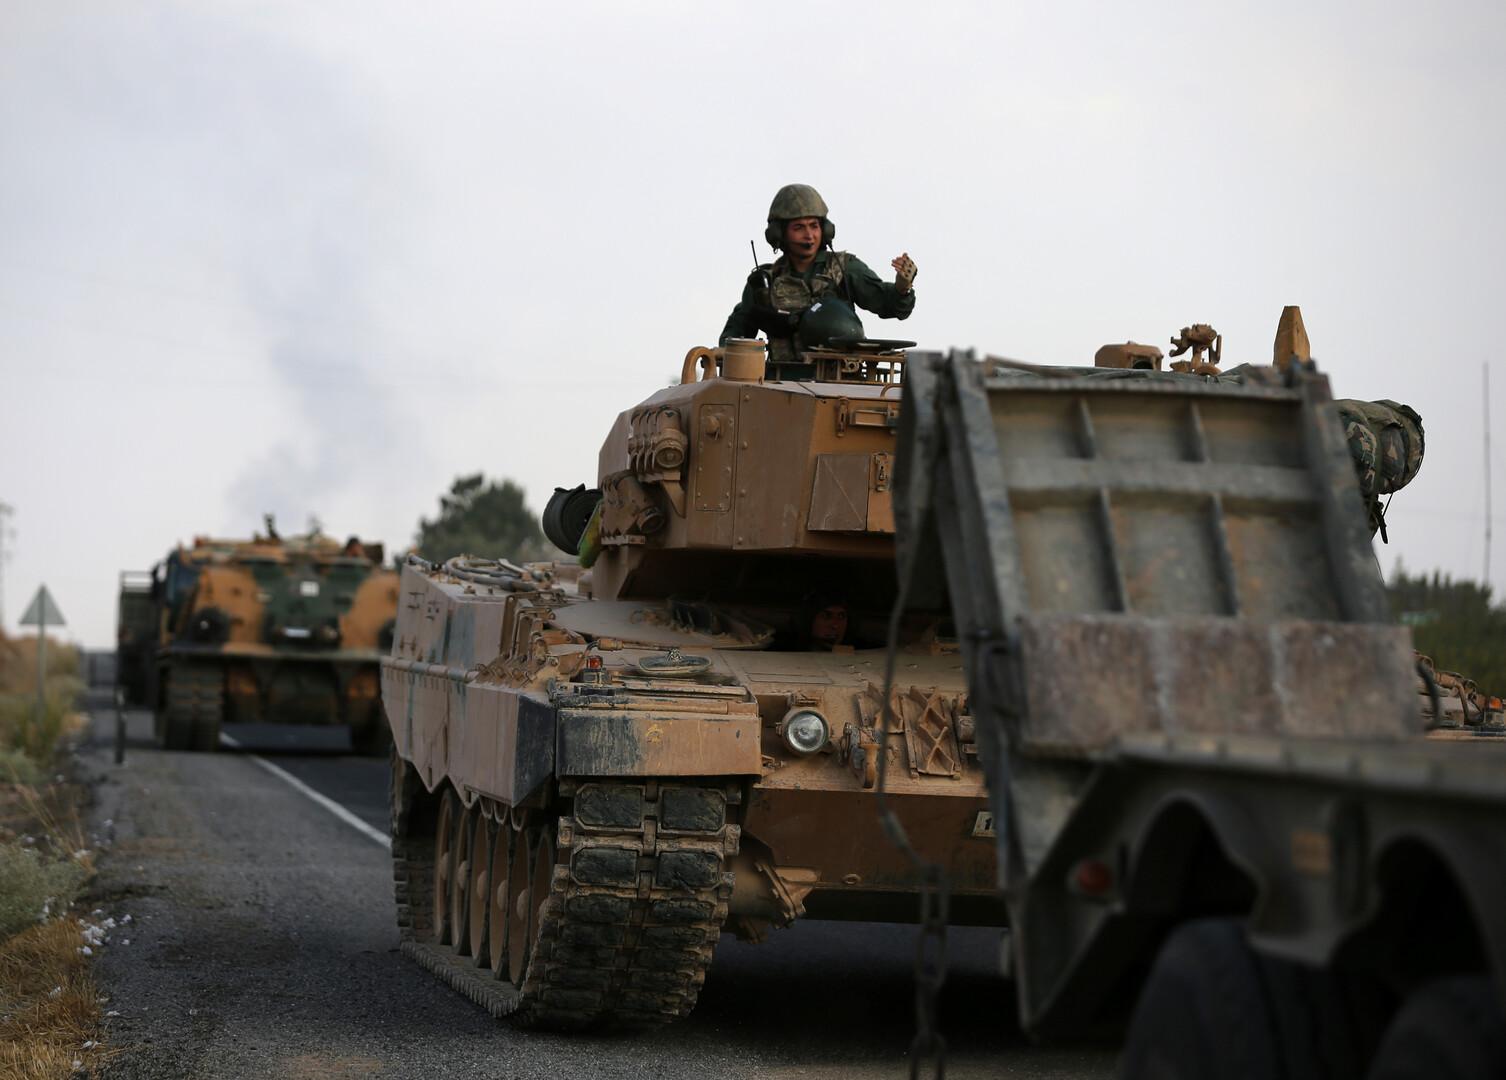 وسائل إعلام: الناتو ينشئ جهازا خاصا لتقييم تبعات الحملة التركية في سوريا